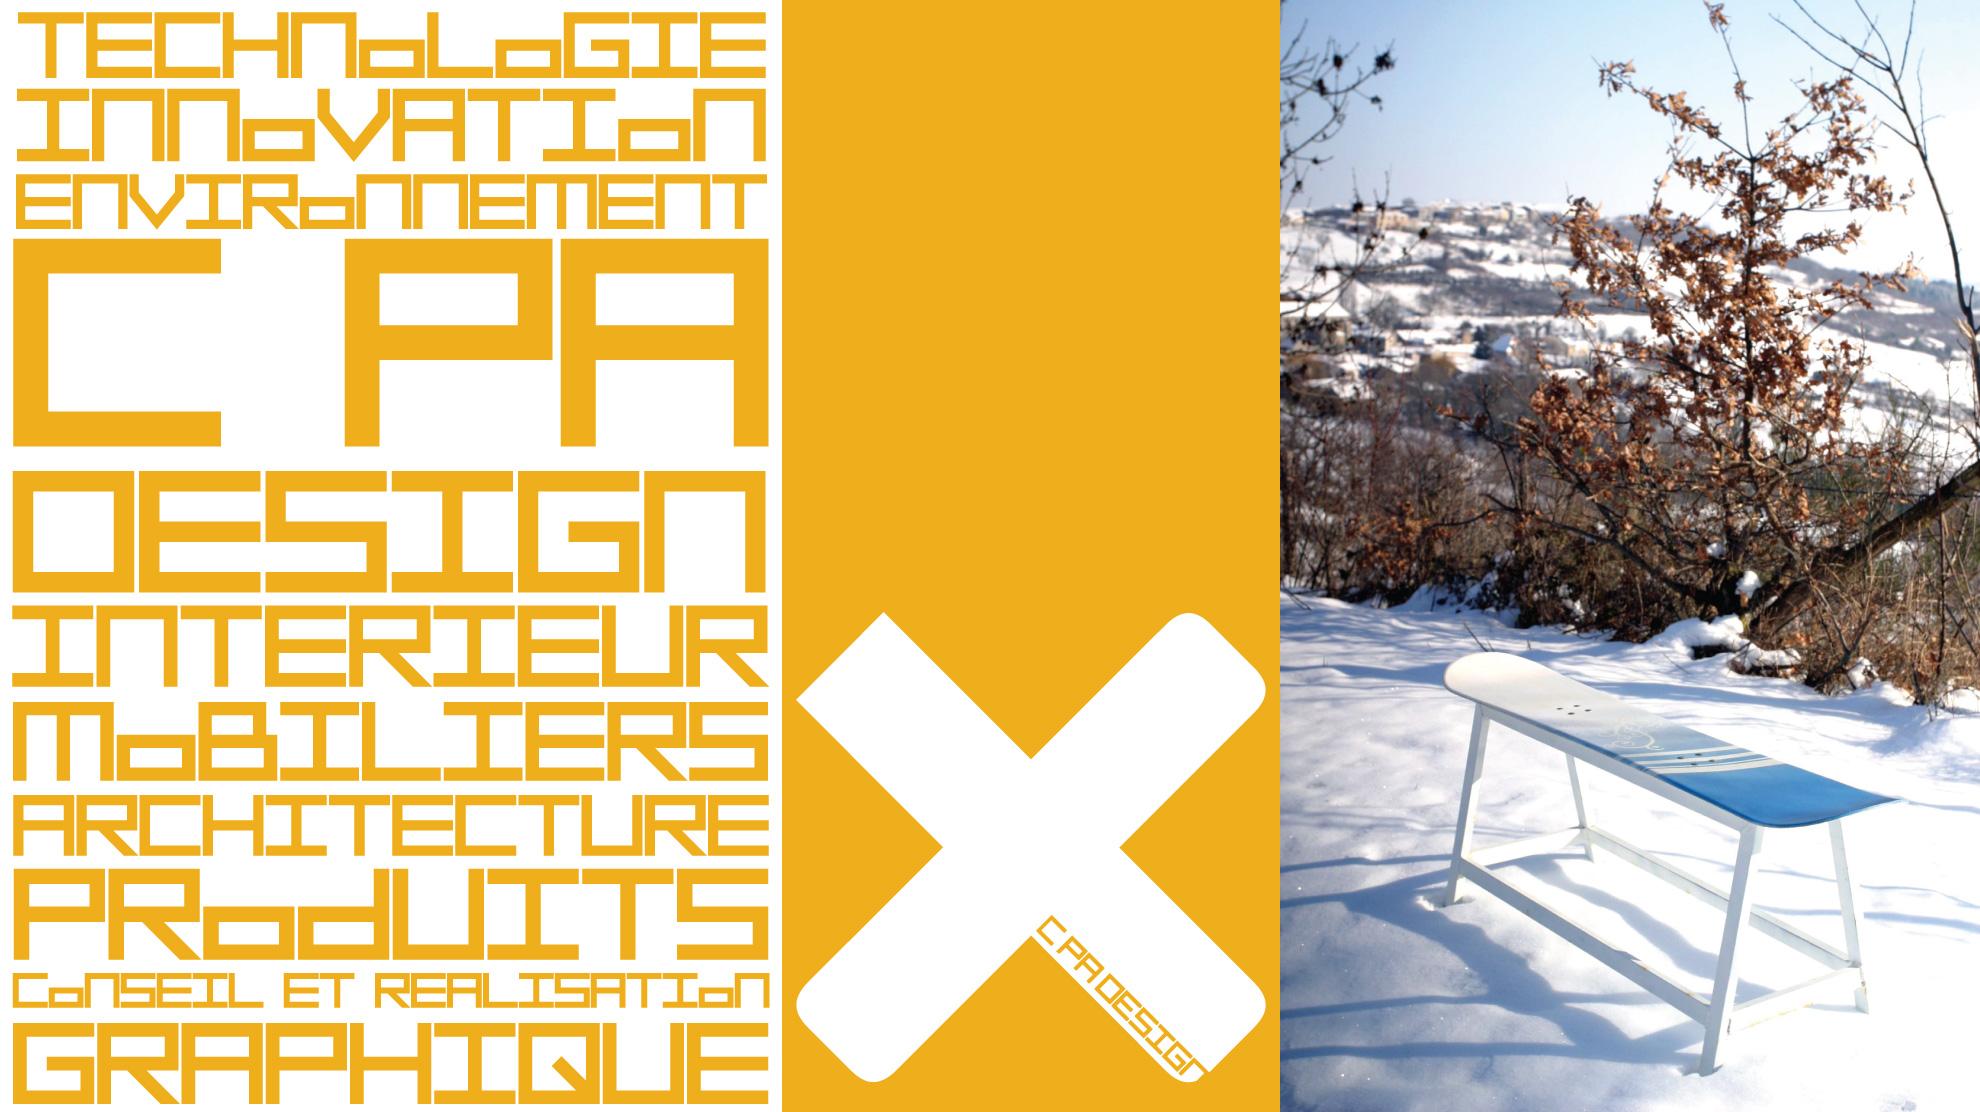 c_pa_design_produit_mobilier